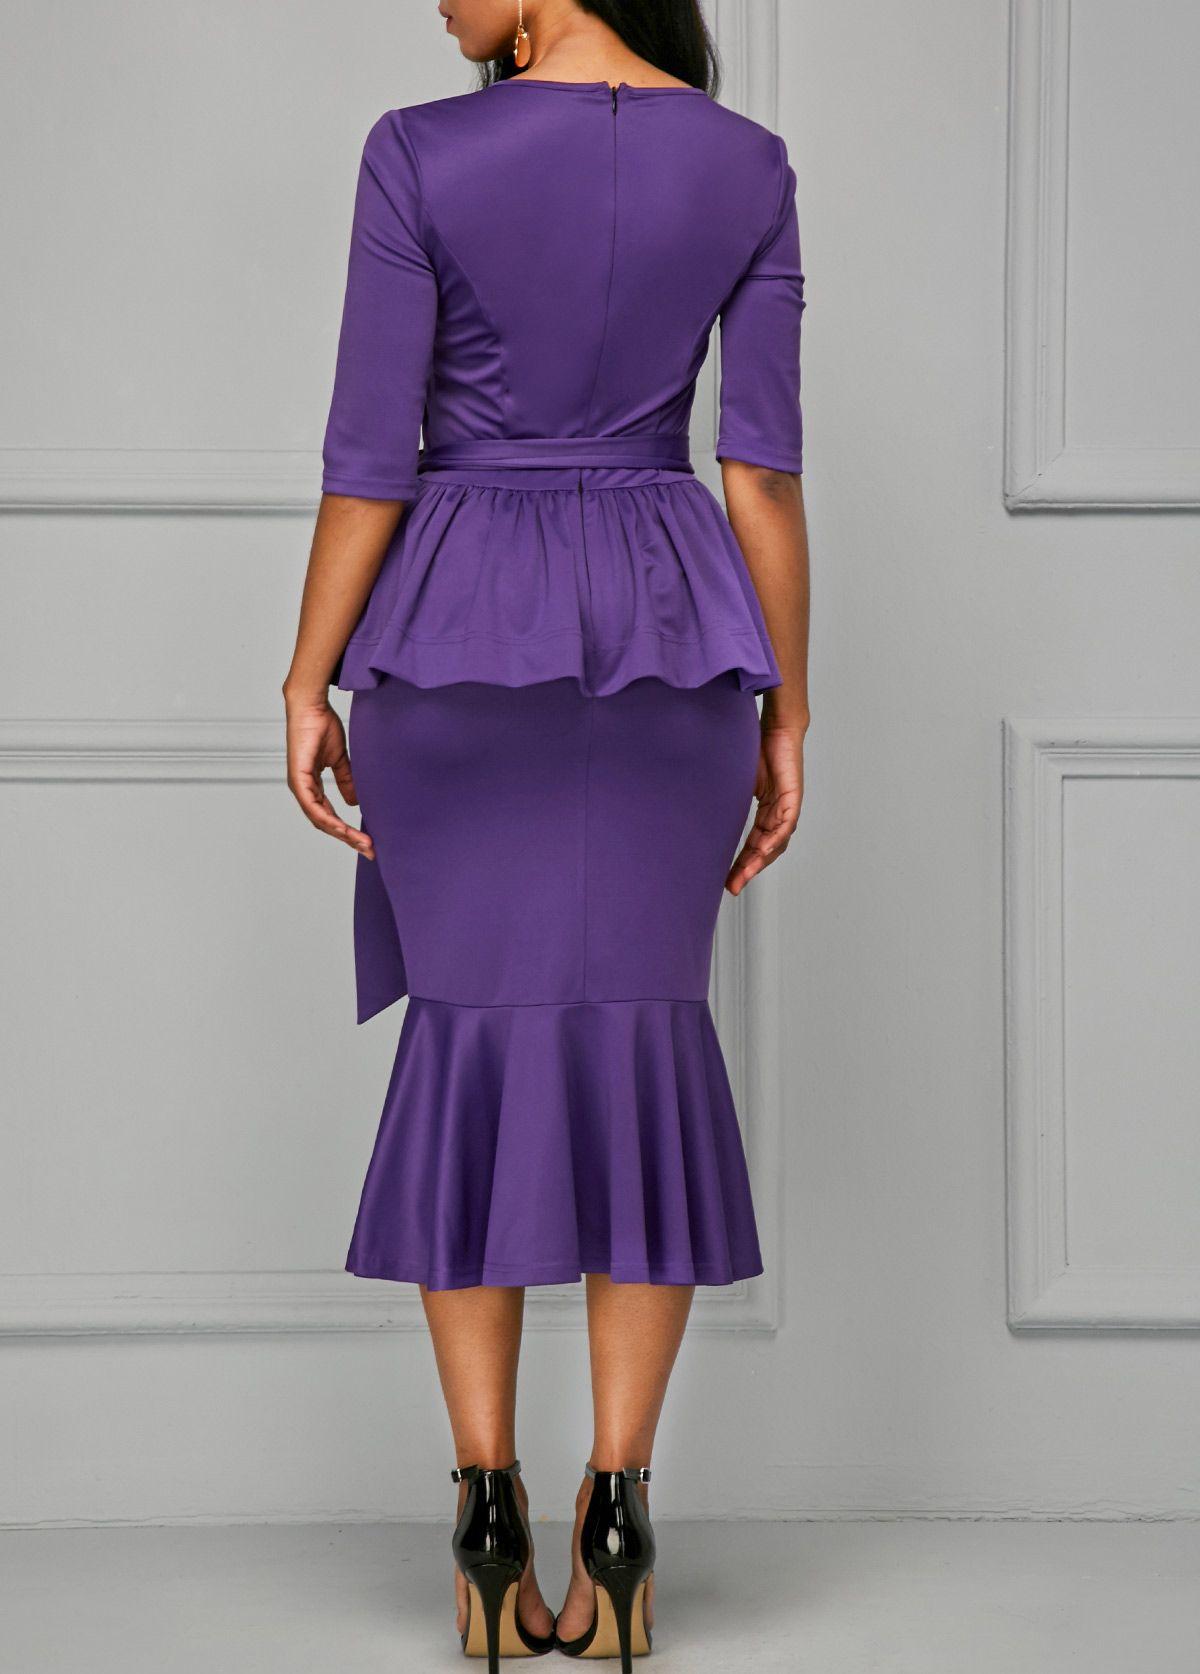 Frill Hem Peplum Waist Half Sleeve Belted Dress